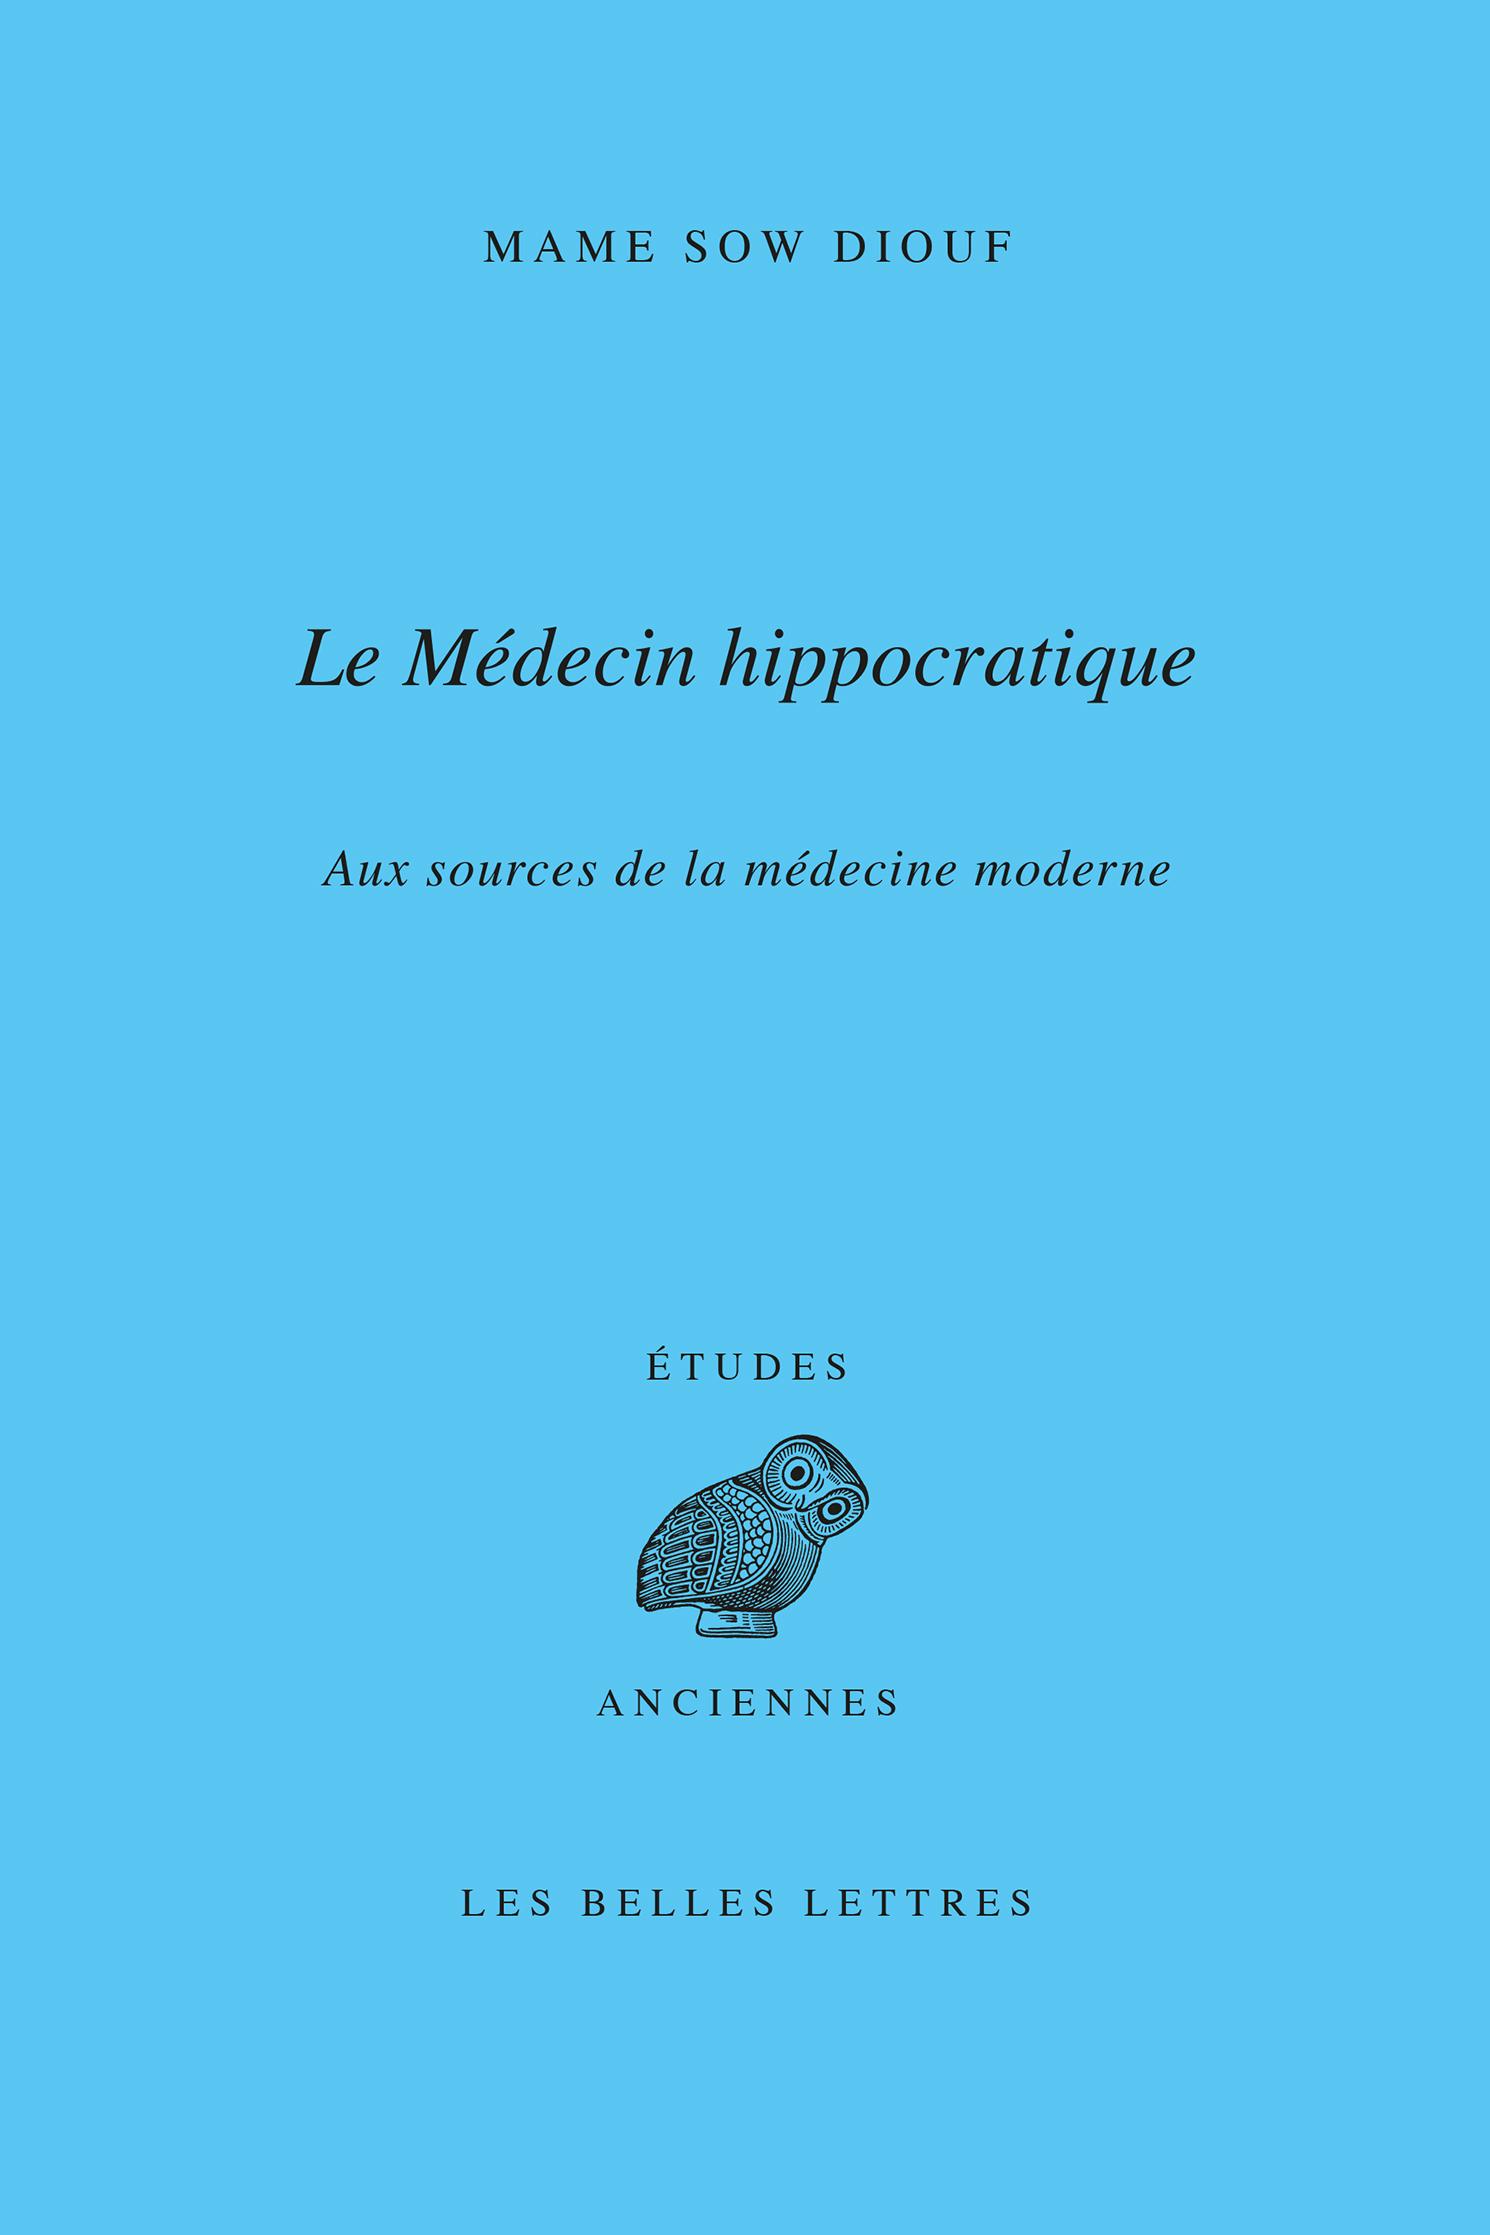 Le Médecin hippocratique